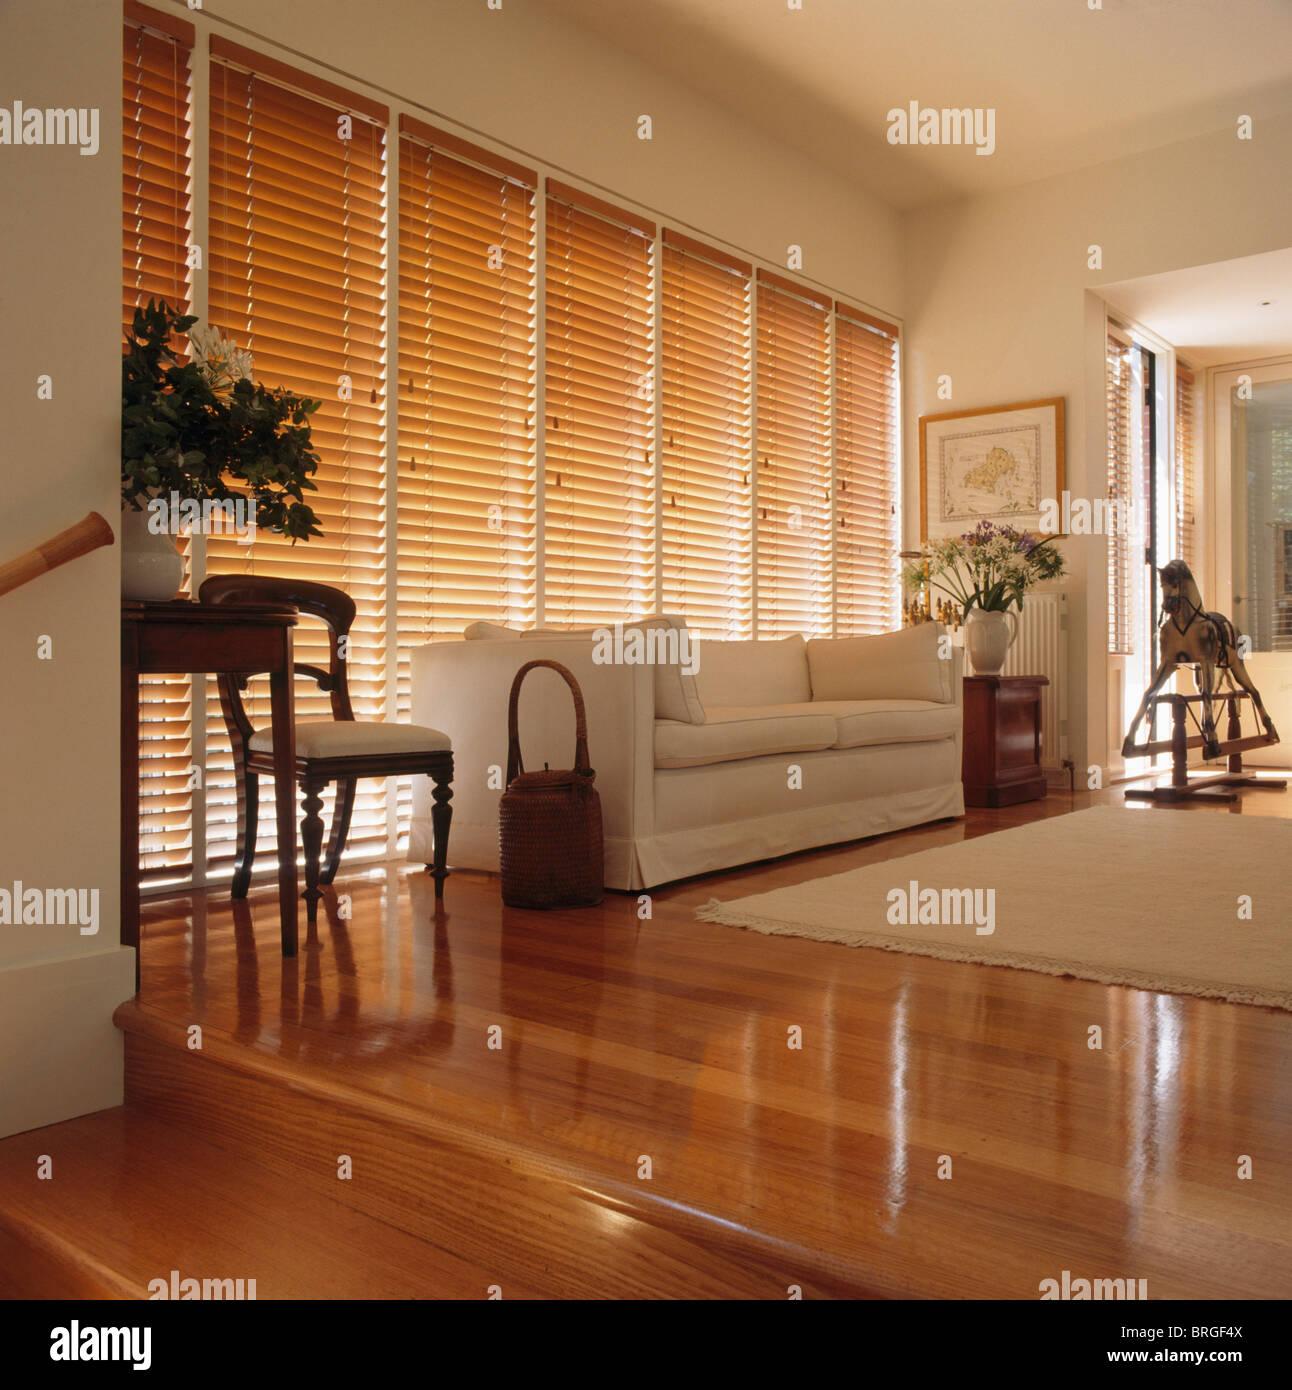 wei en sofa vor fenster mit h lzernen jalousie in modernen wei en wohnzimmer mit wei en teppich. Black Bedroom Furniture Sets. Home Design Ideas